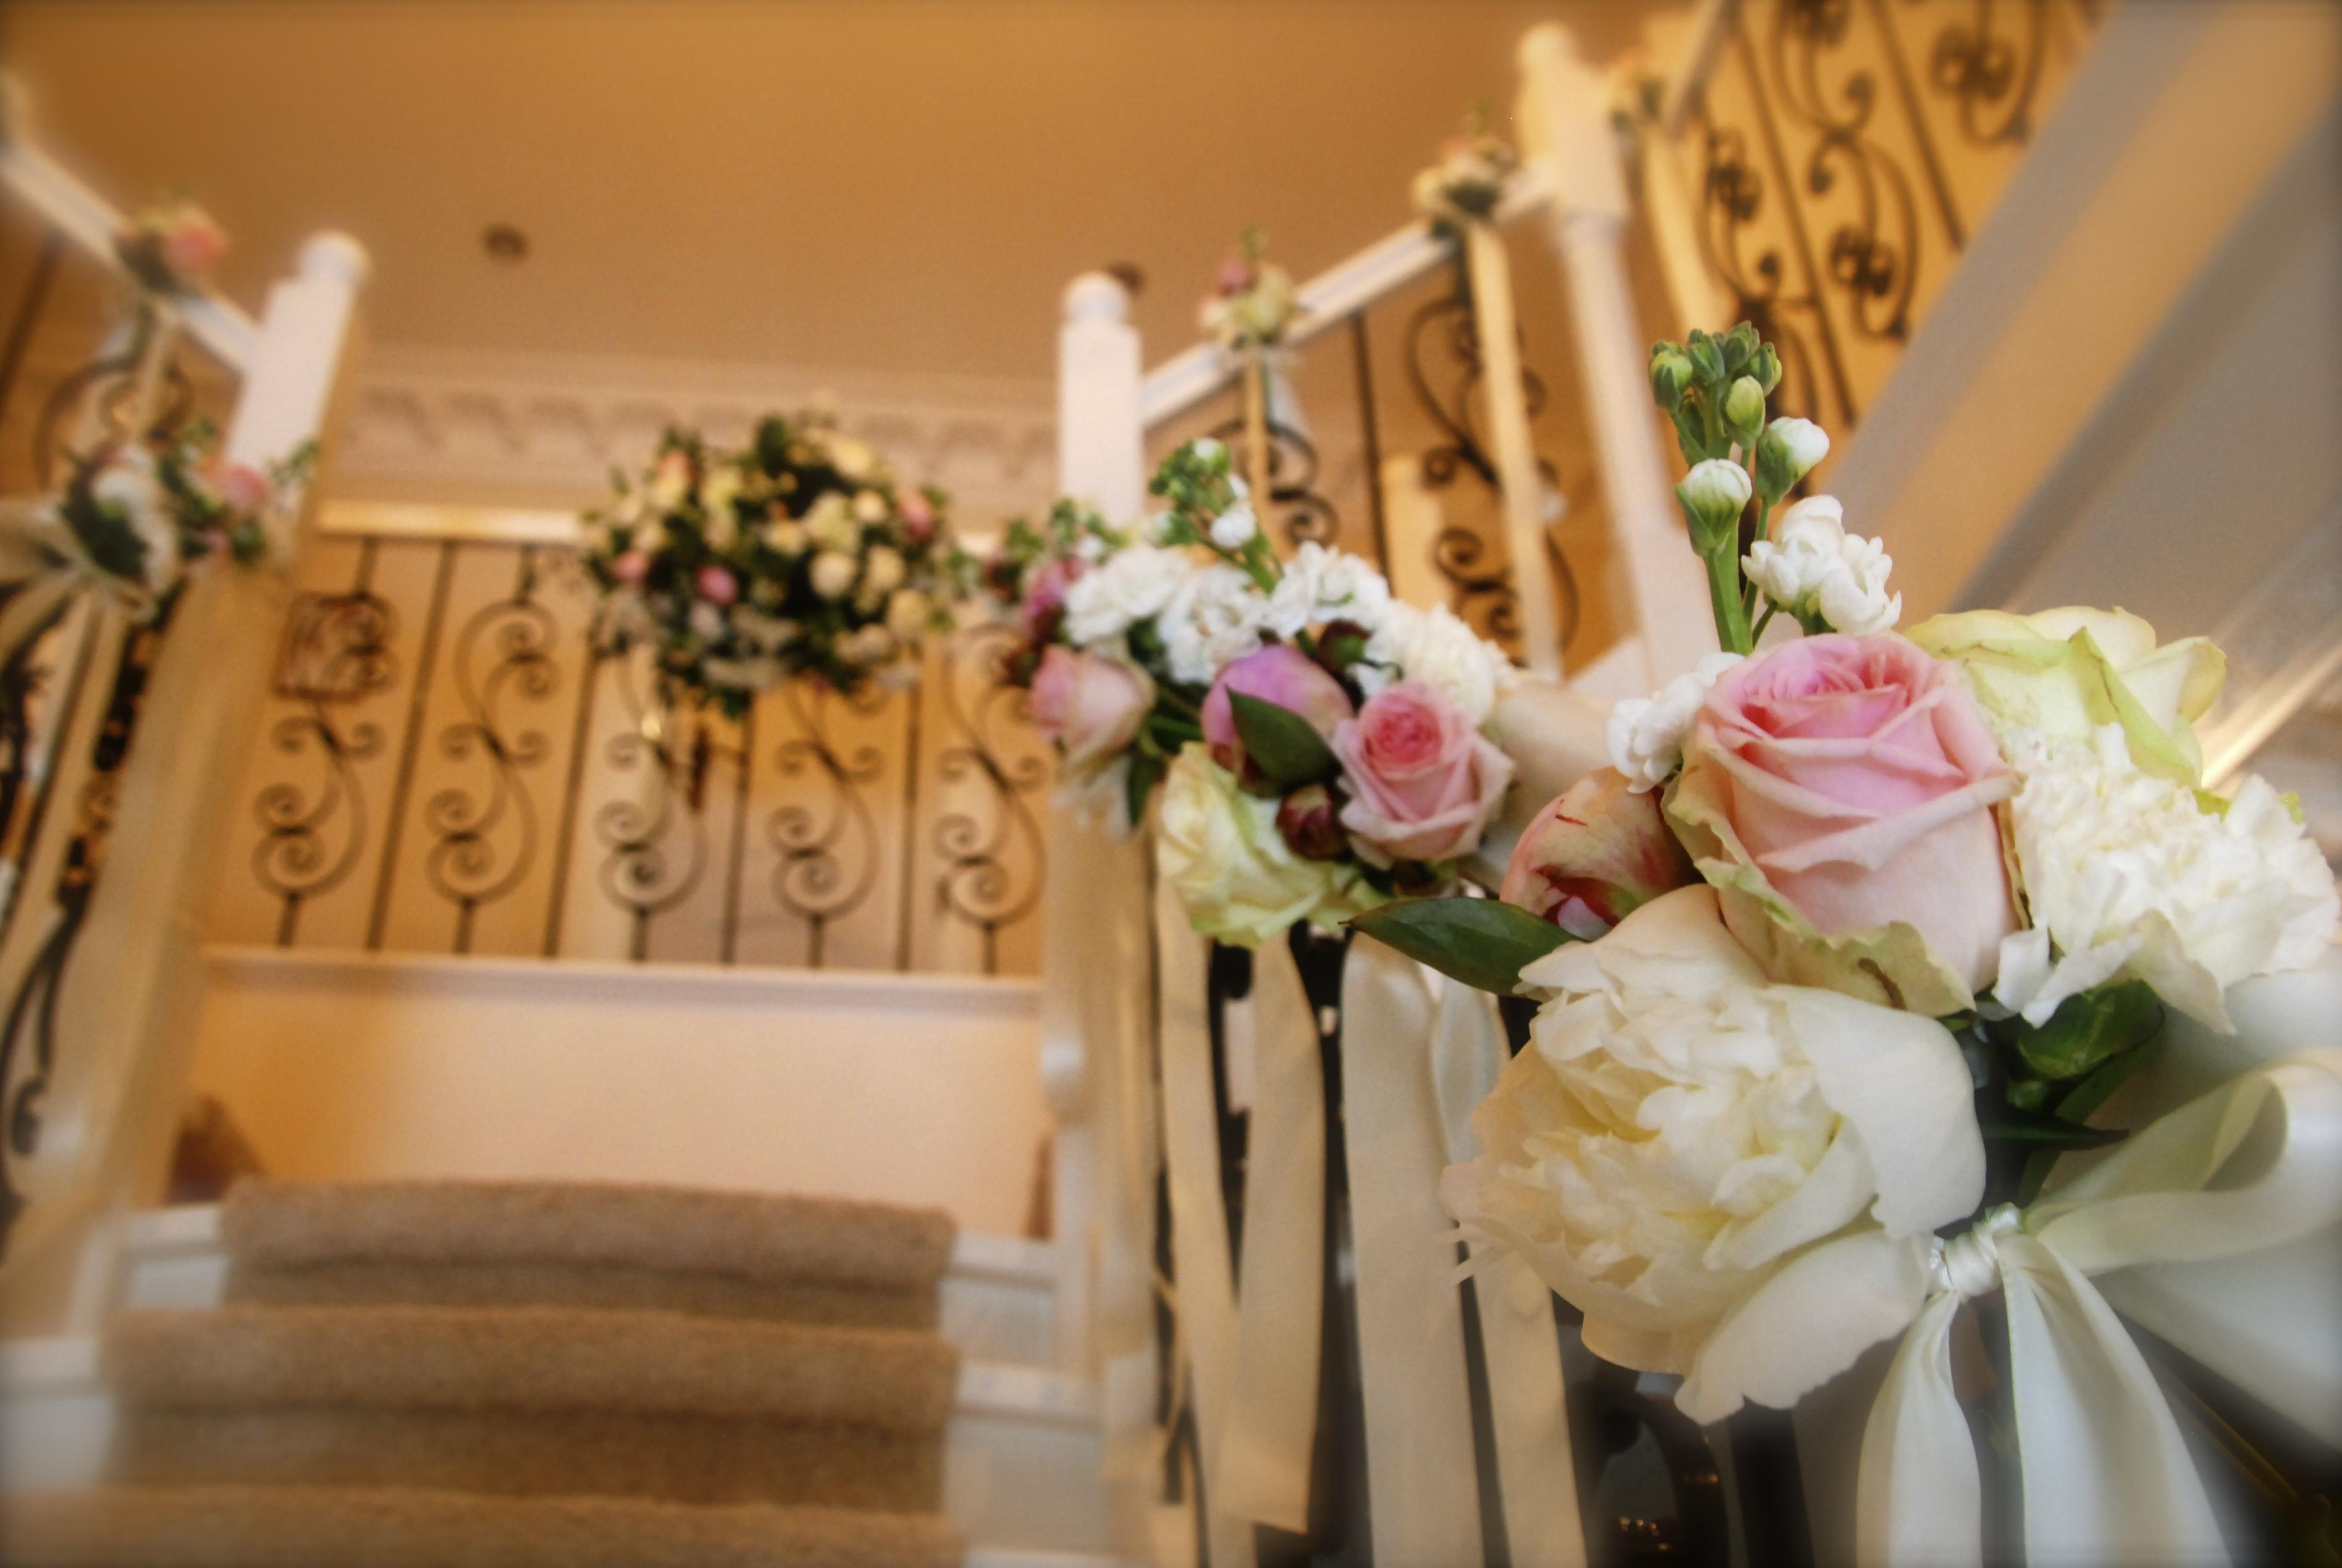 De ballonnenkoning bloem decoratie trap decoratie roze wit